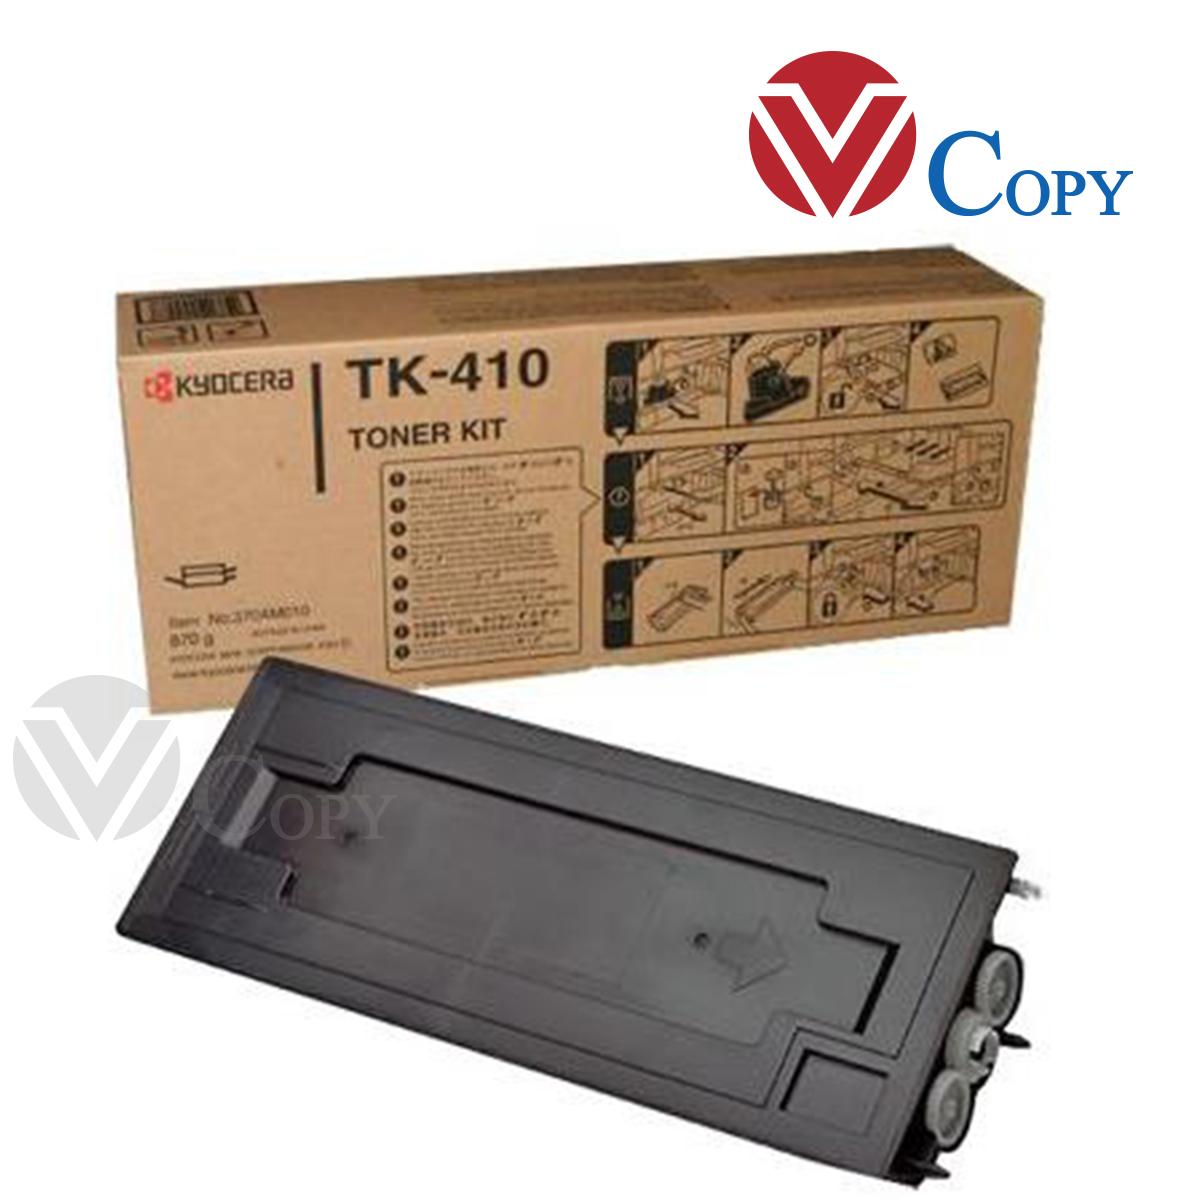 Mực Thương hiệu dùng cho máy Photocopy Kyocera KM 1620/ 1635/ 1650/ 2035/ 2050/ 2550 Hộp mực TK 410